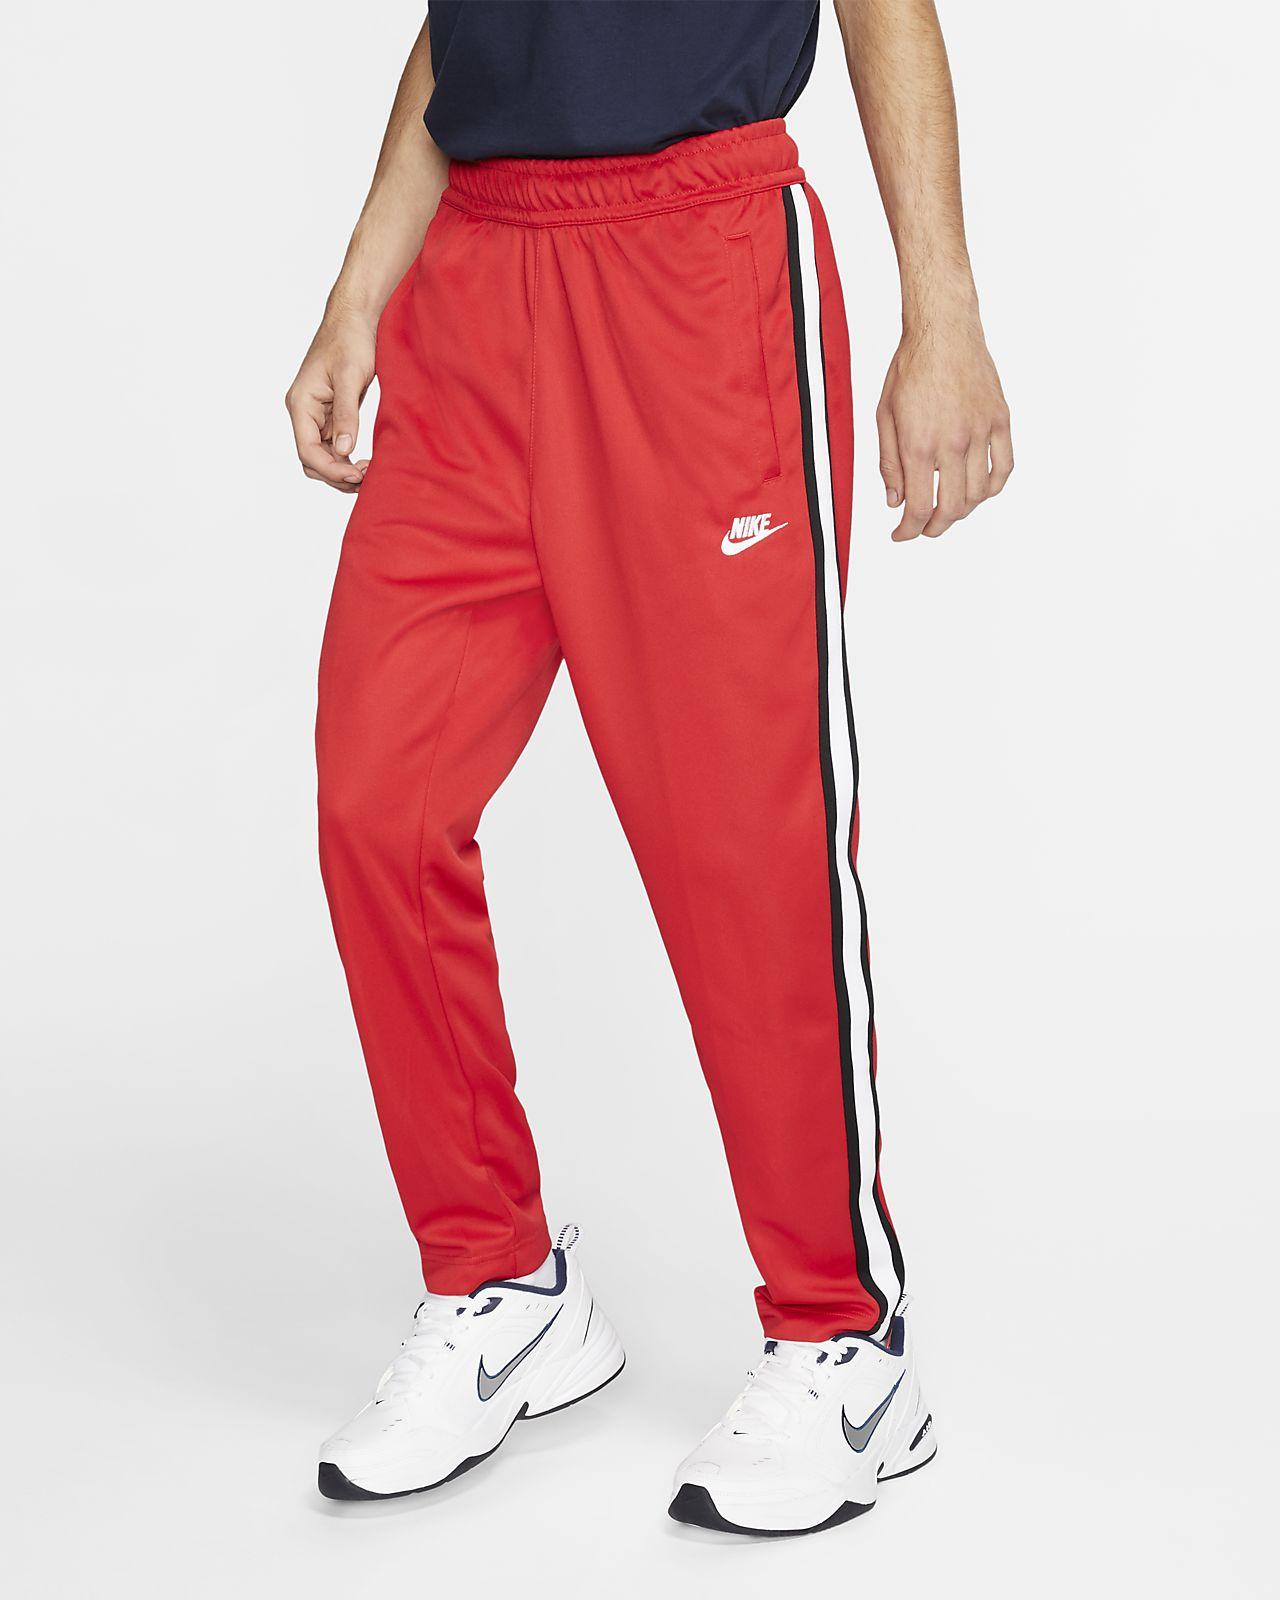 Pánské tepláky Nike Sportswear